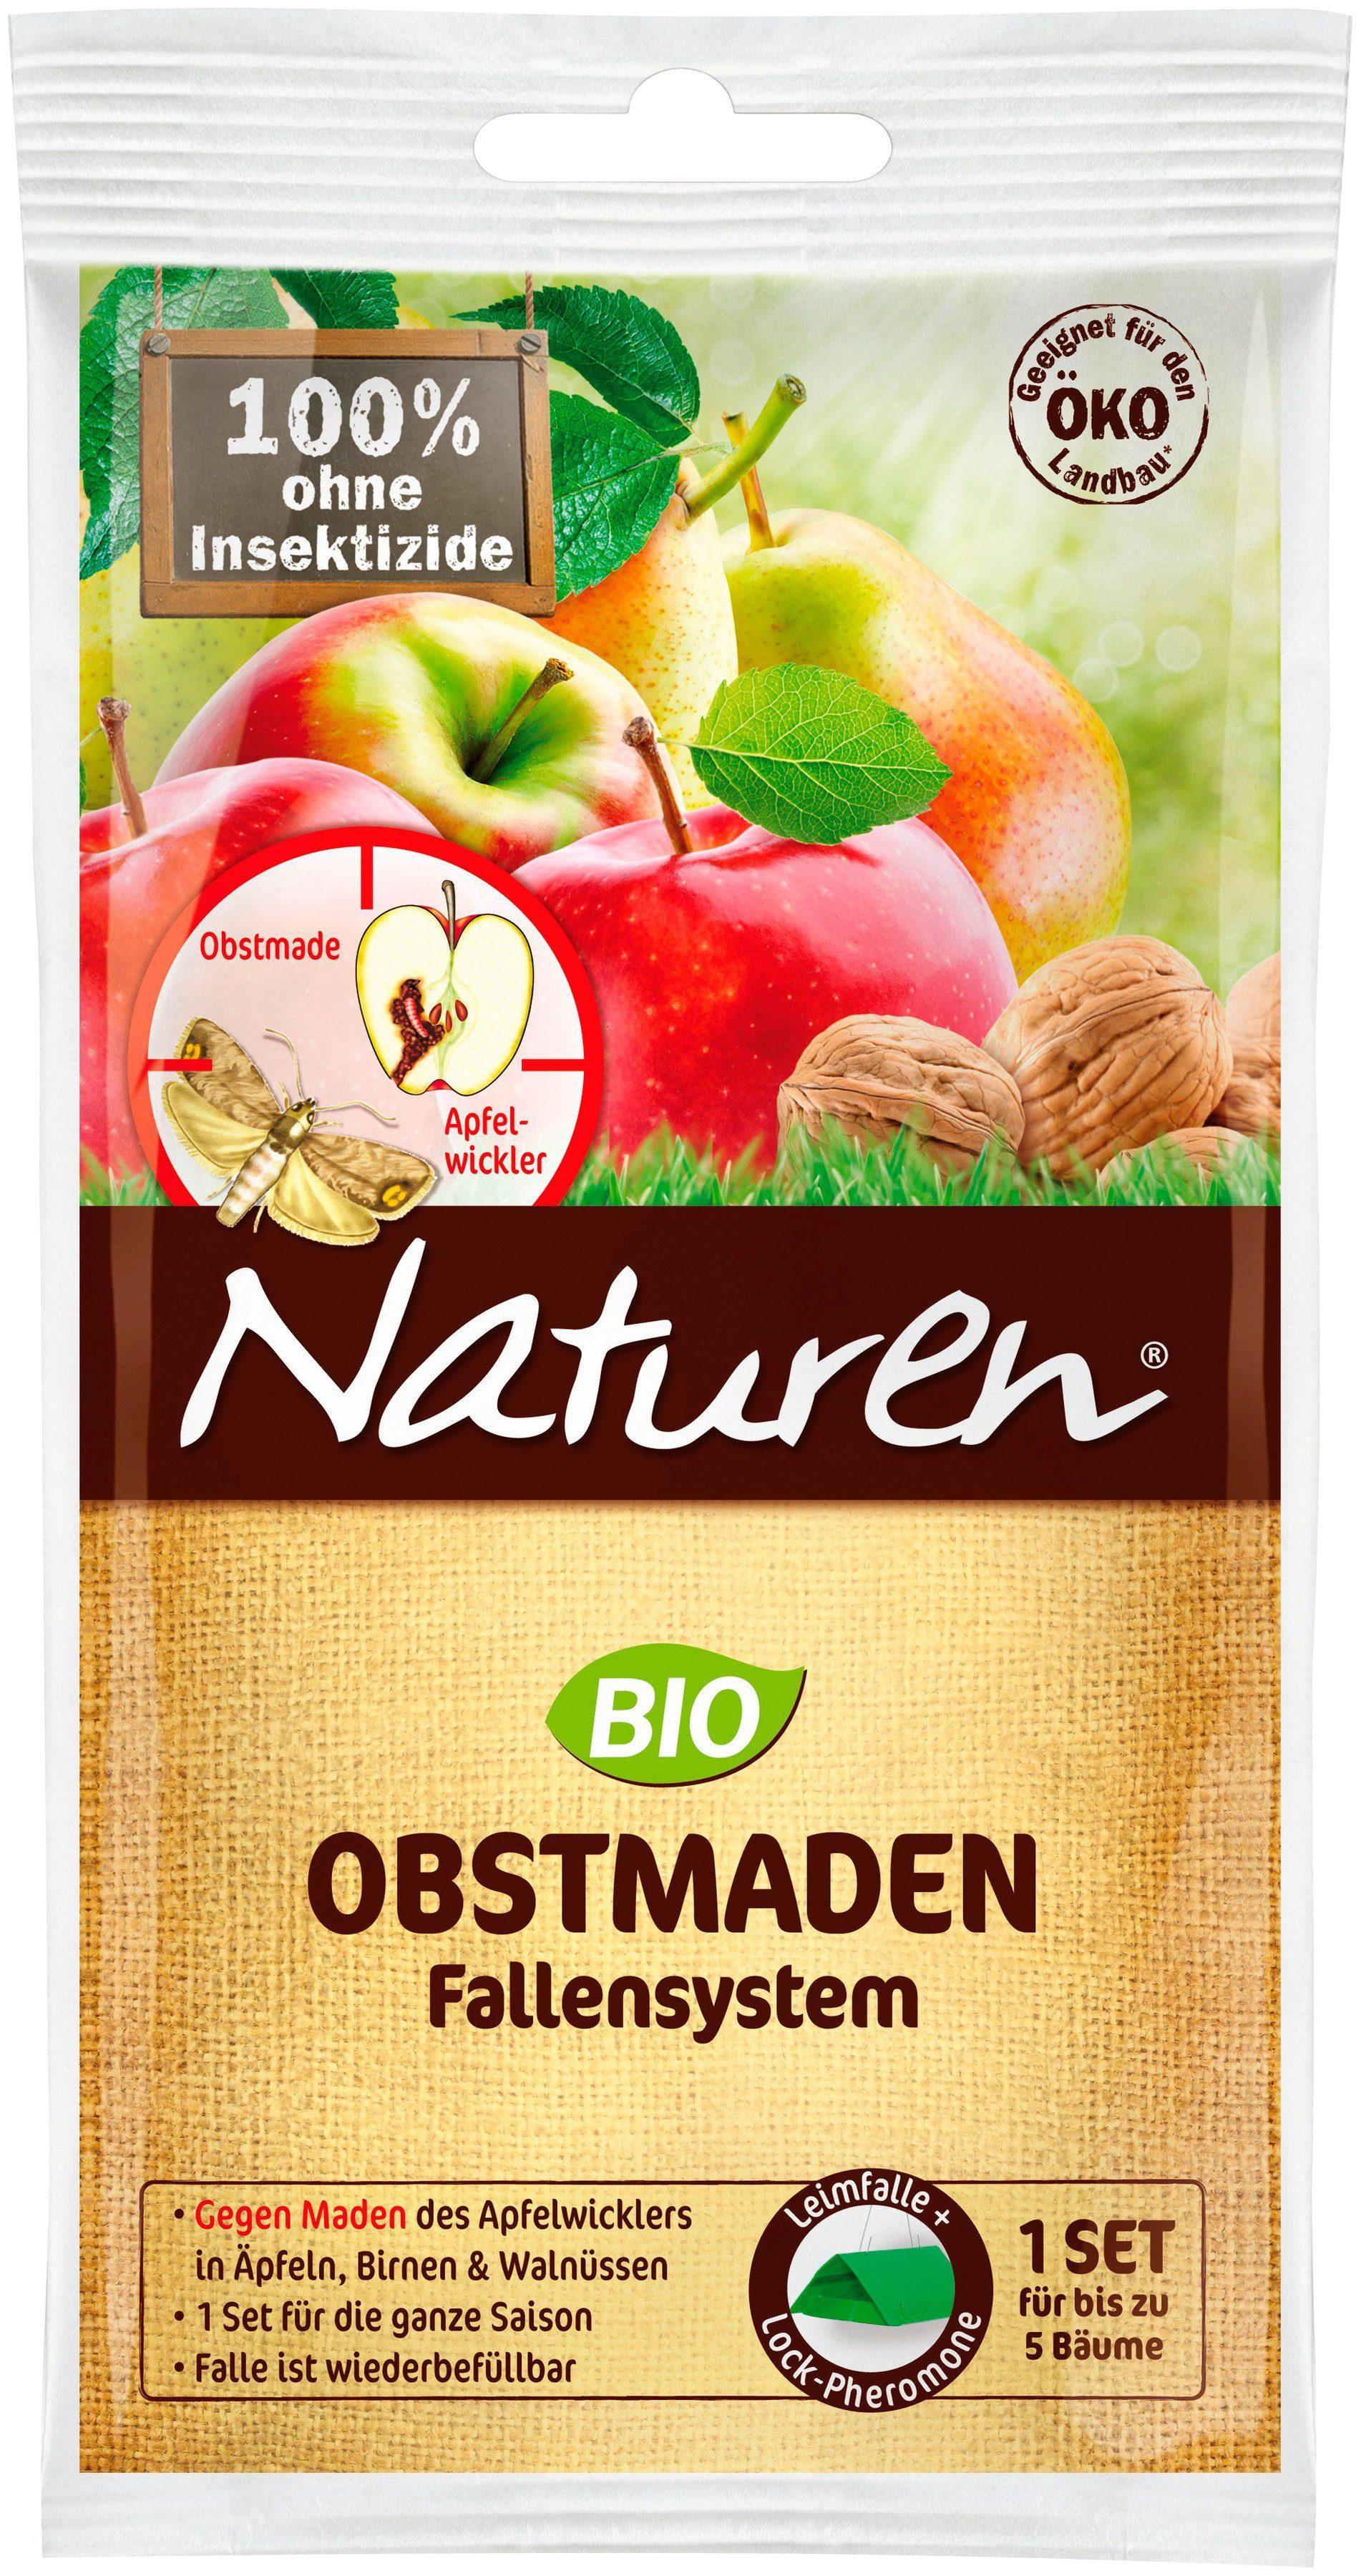 Pflanzenschutz »NATUREN Bio Obstmaden Fallensystem« (1 Set)